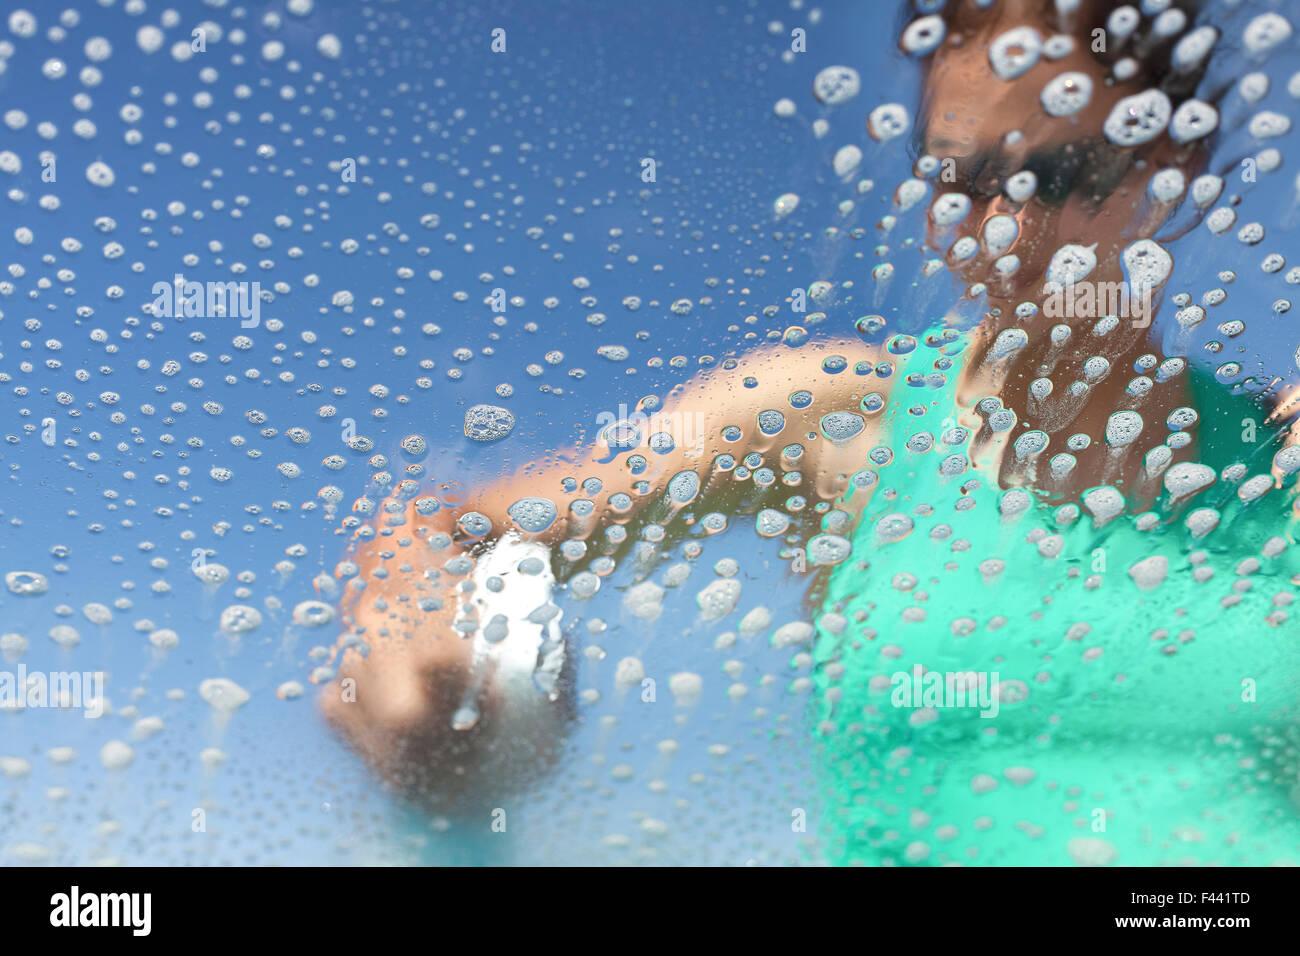 Lave-vitre de voiture, des bulles de savon de l'intérieur, faible profondeur de champ. Banque D'Images